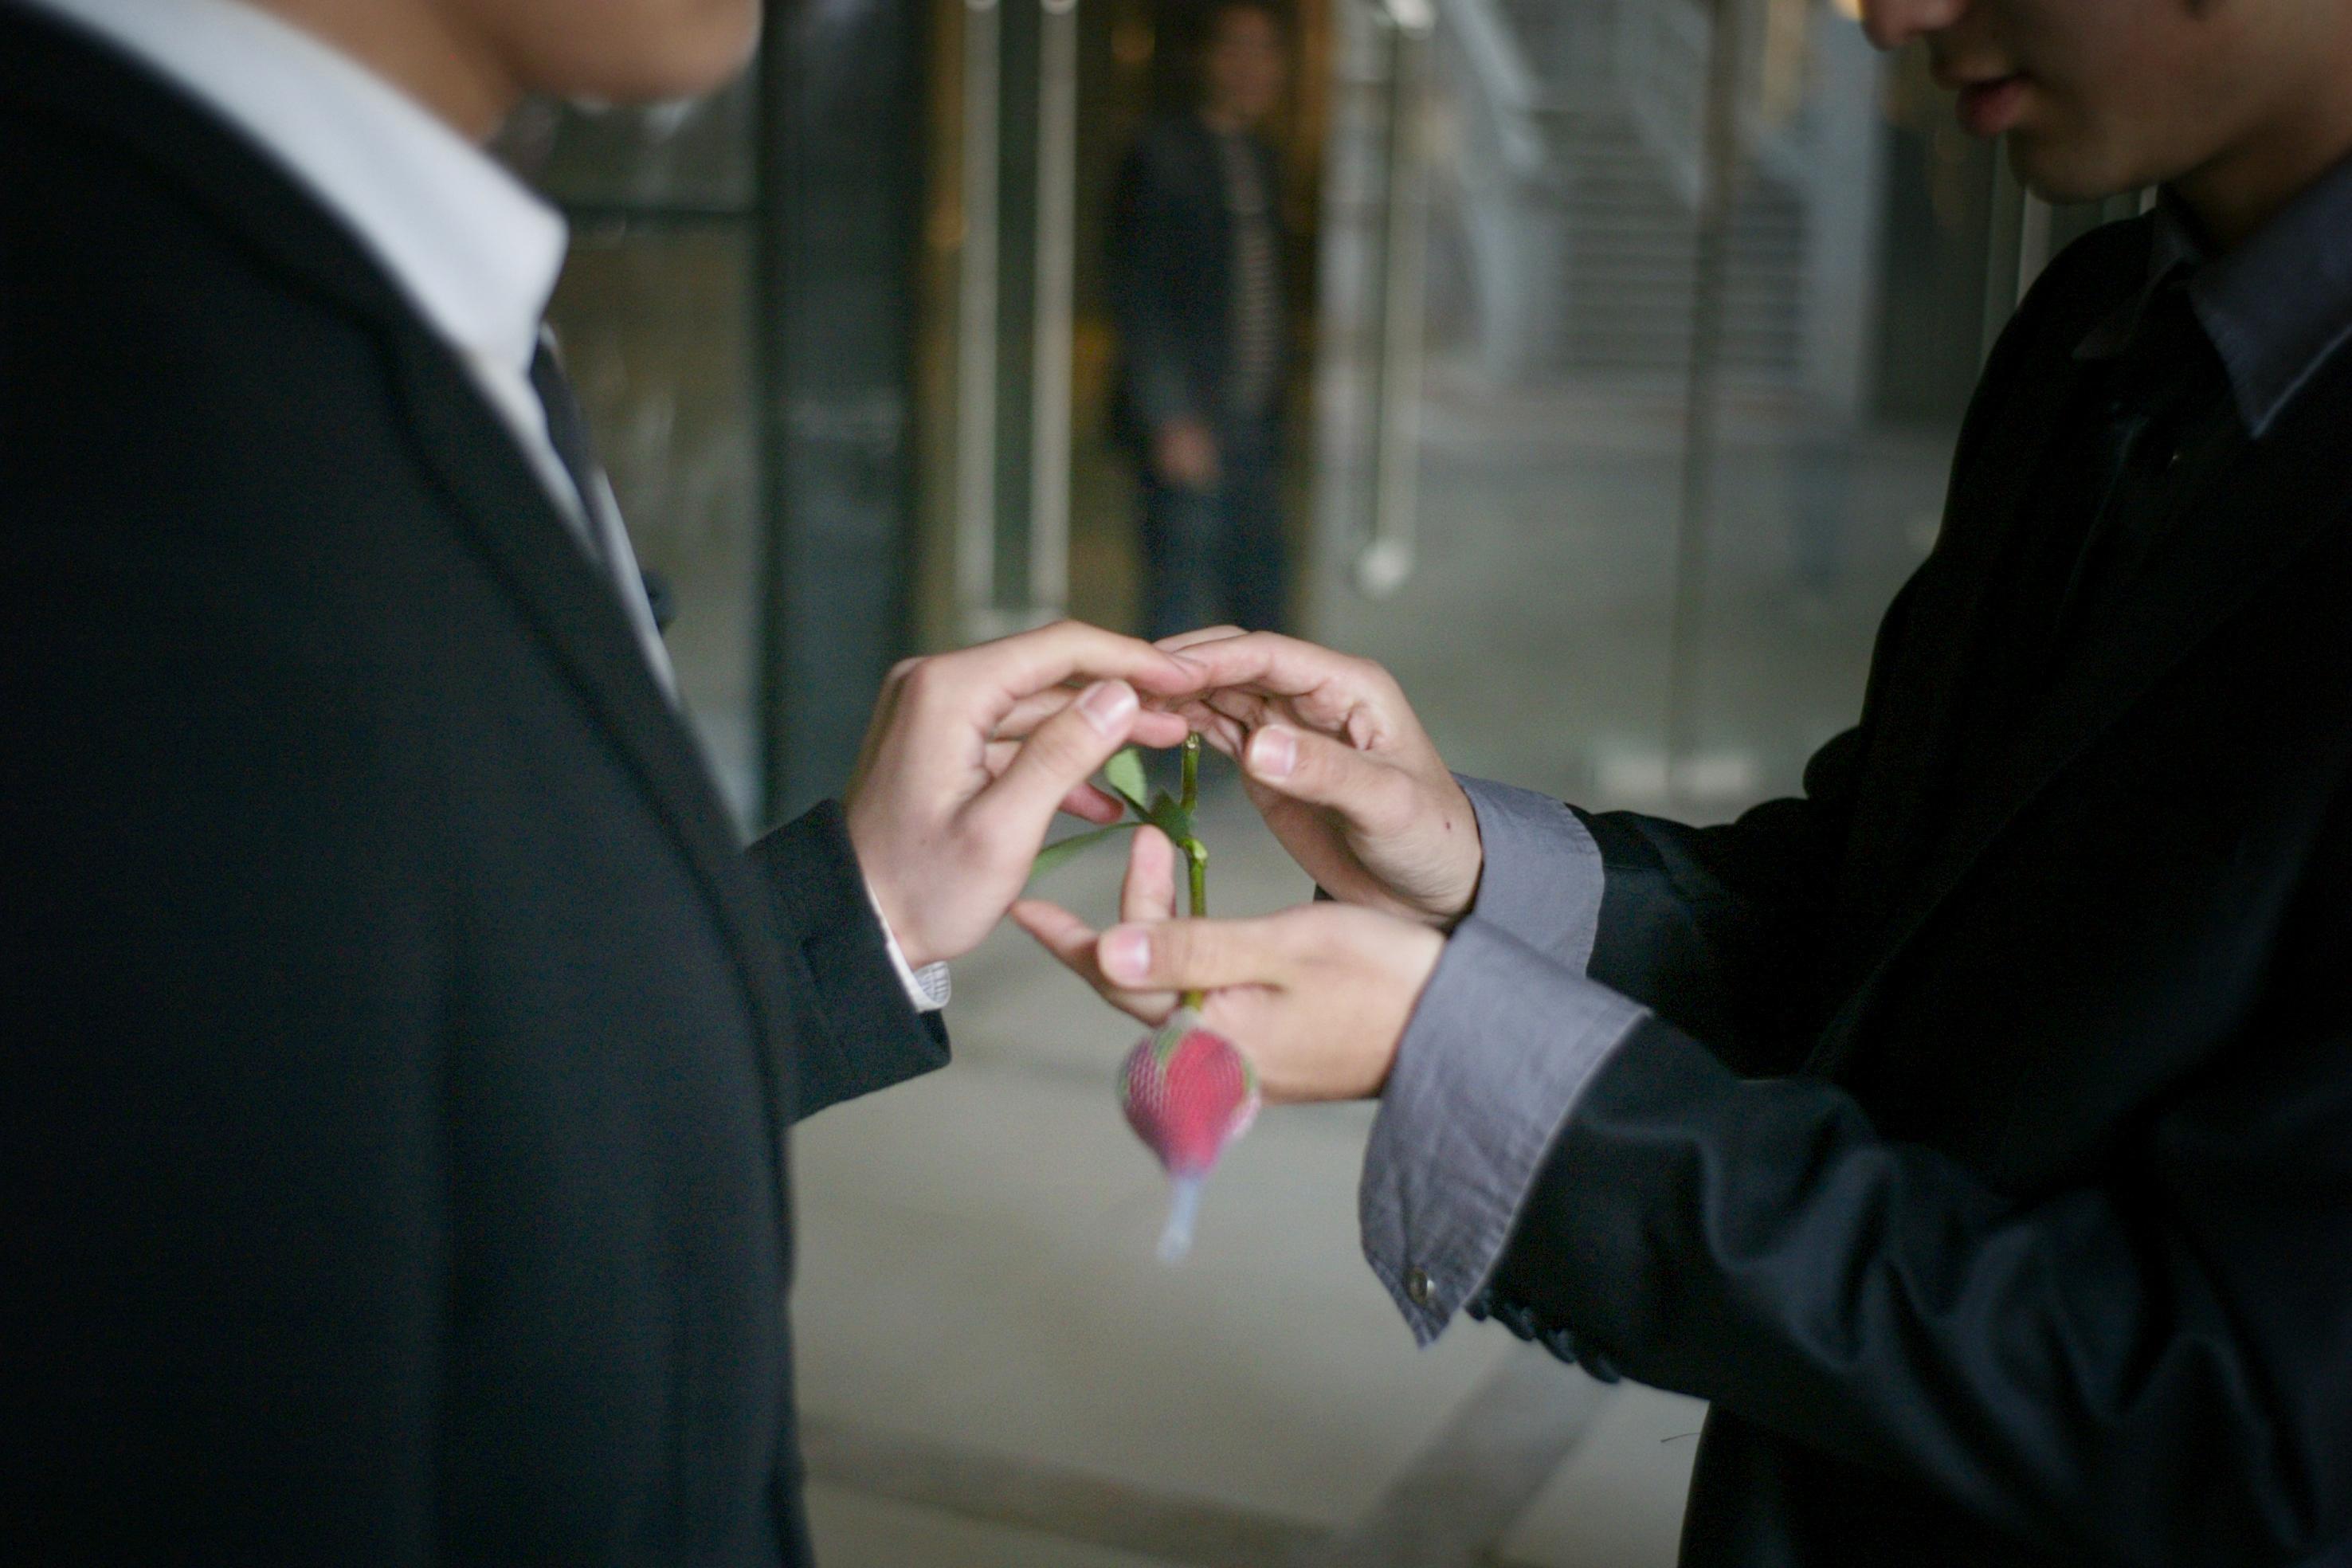 资料图片:一对同性恋夫妇在他们的婚礼仪式上。(AFP PHOTO)